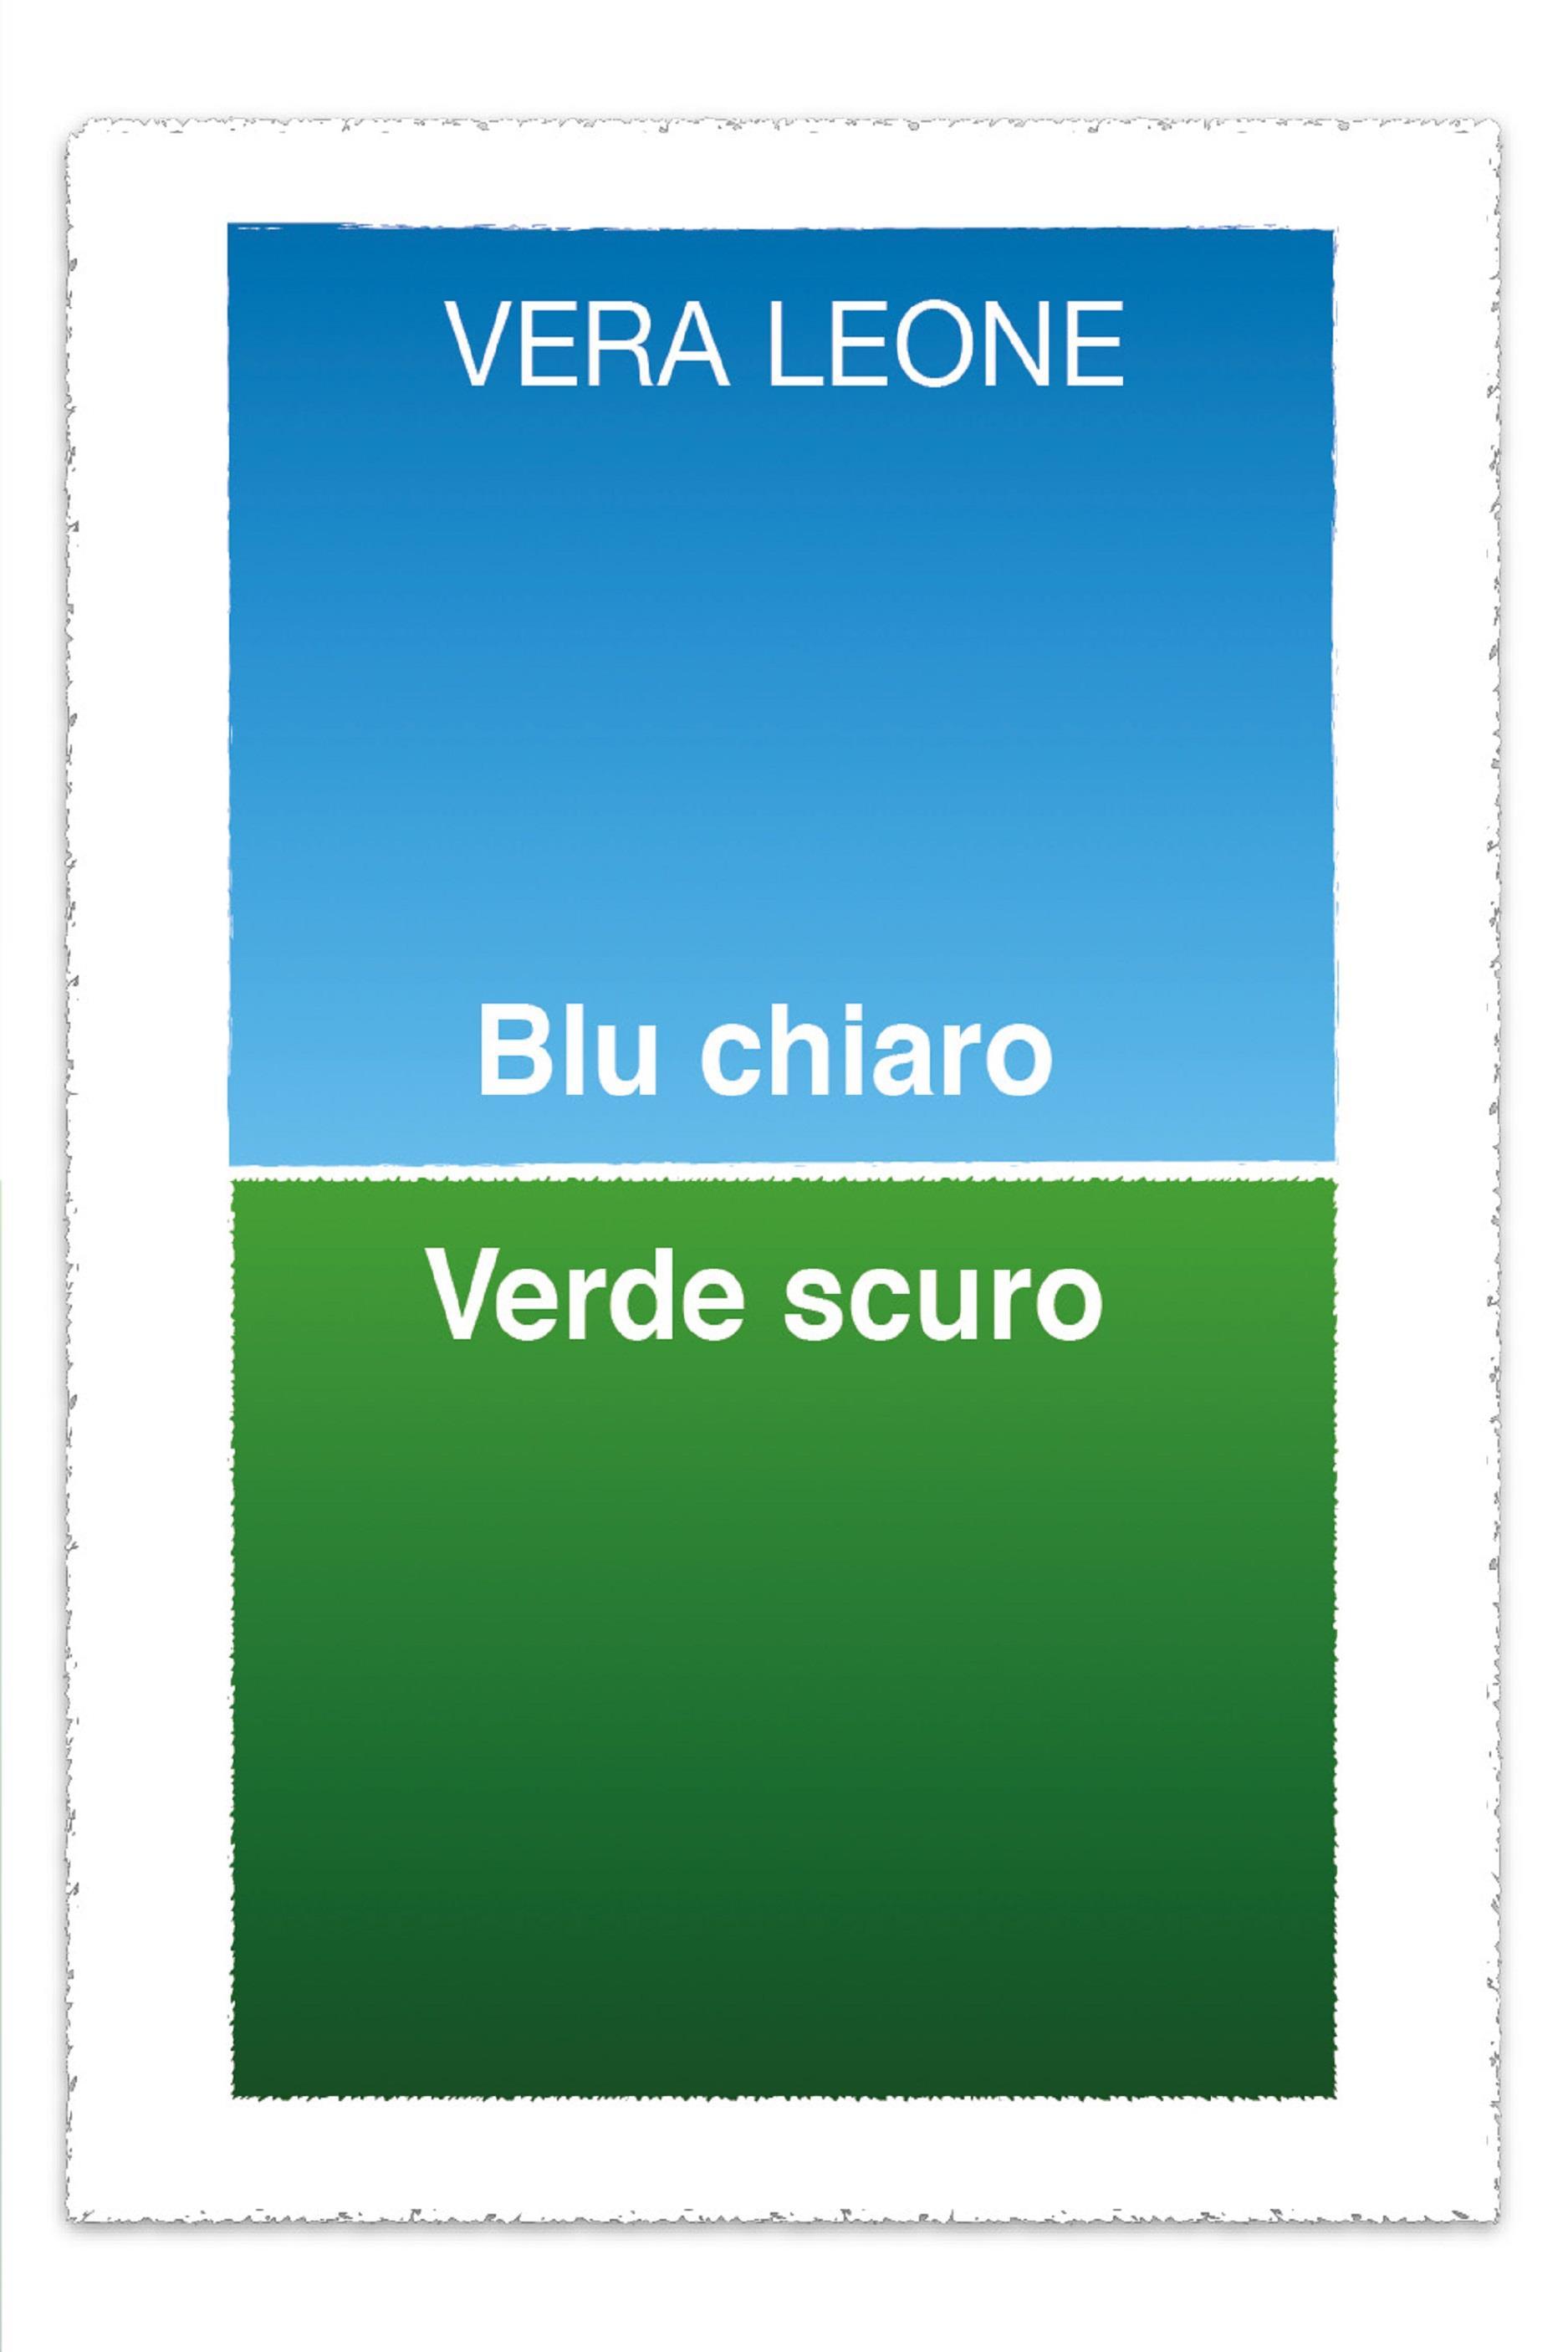 Blu chiaro Verde scuro